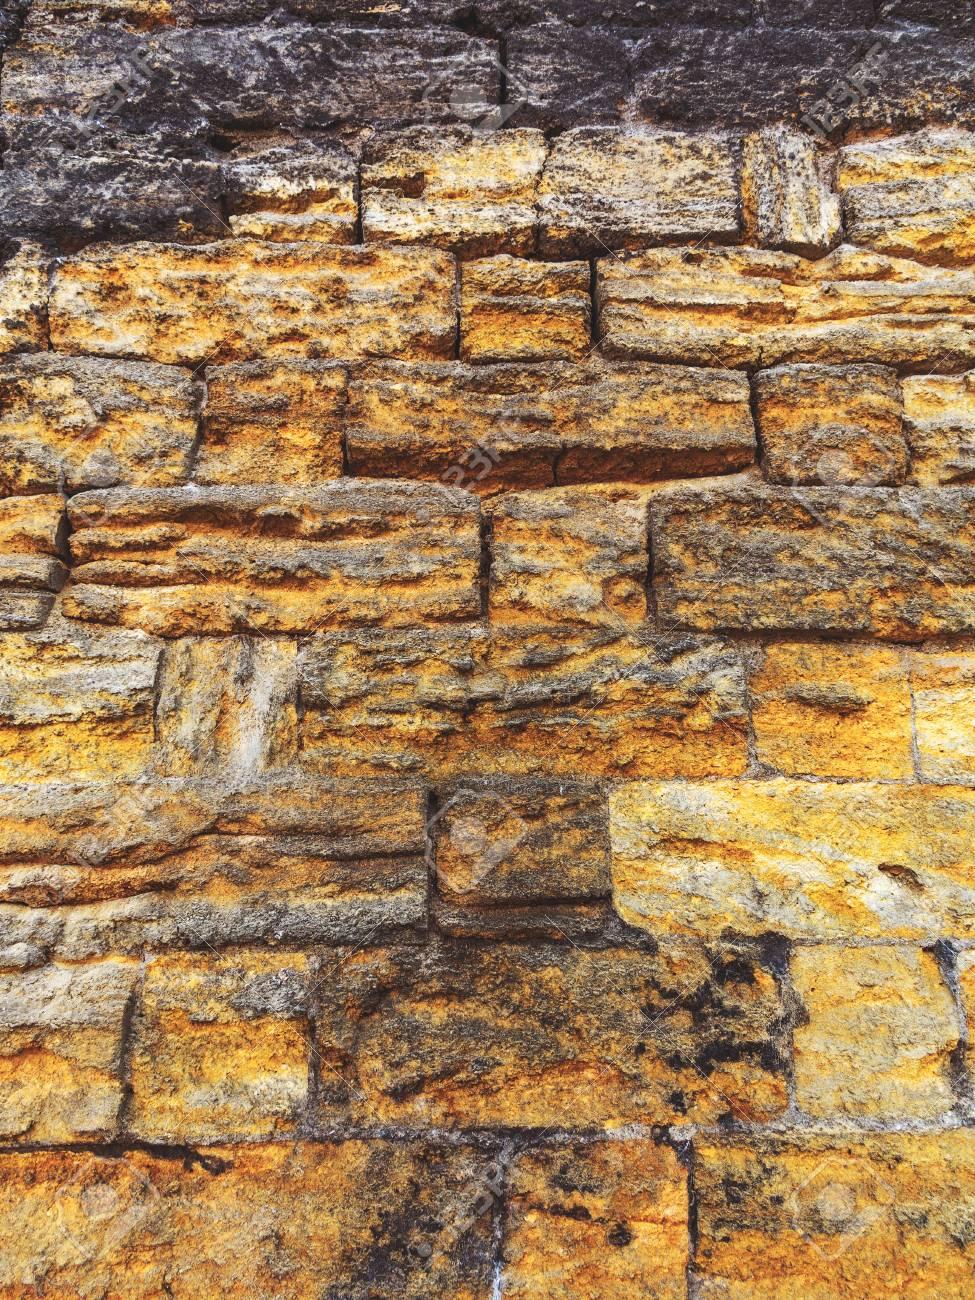 Standard Bild   Wand Aus Naturstein Gebaut. Kann Als Hintergrund Verwendet  Werden. Große Hintergrund Oder Textur.